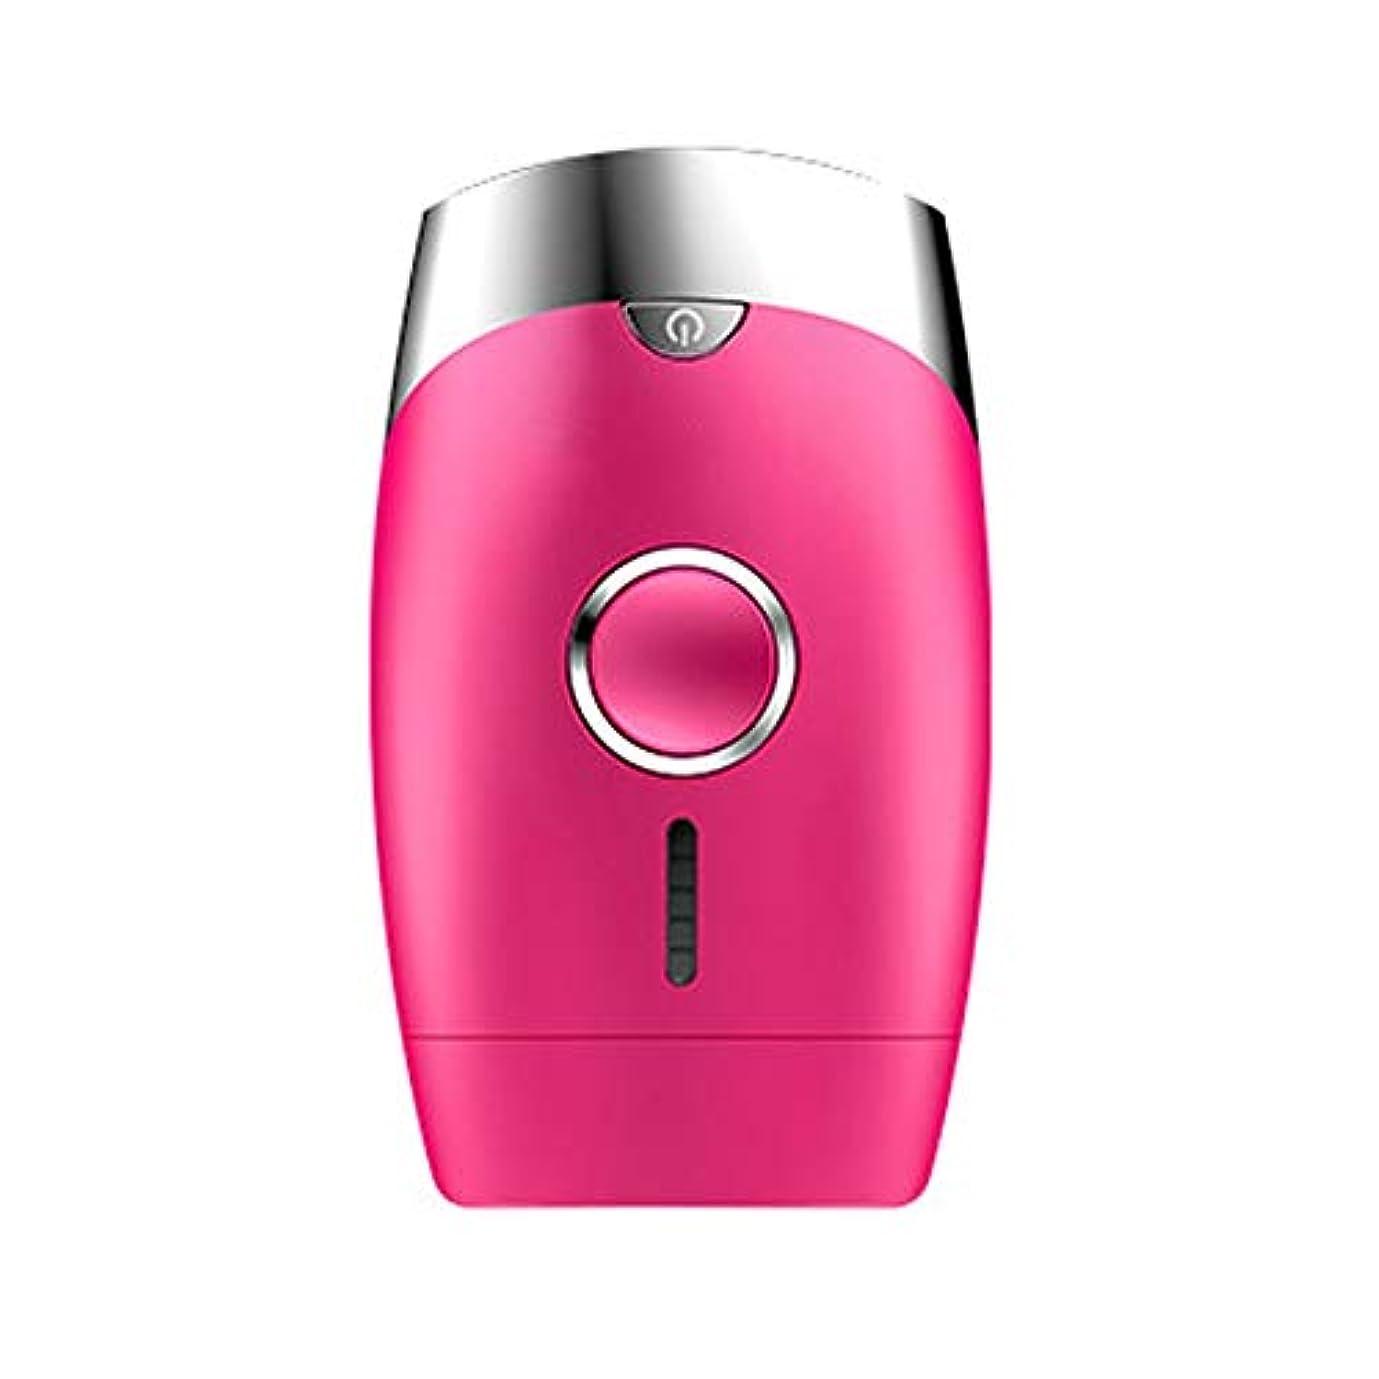 申し込むパットオーディションピンク、5スピード調整、インテリジェント家庭用痛みのない凝固点ヘアリムーバー、シングルフラッシュ/連続フラッシュ、サイズ13.9 X 8.3 X 4.8 Cm 効果が良い (Color : Pink)